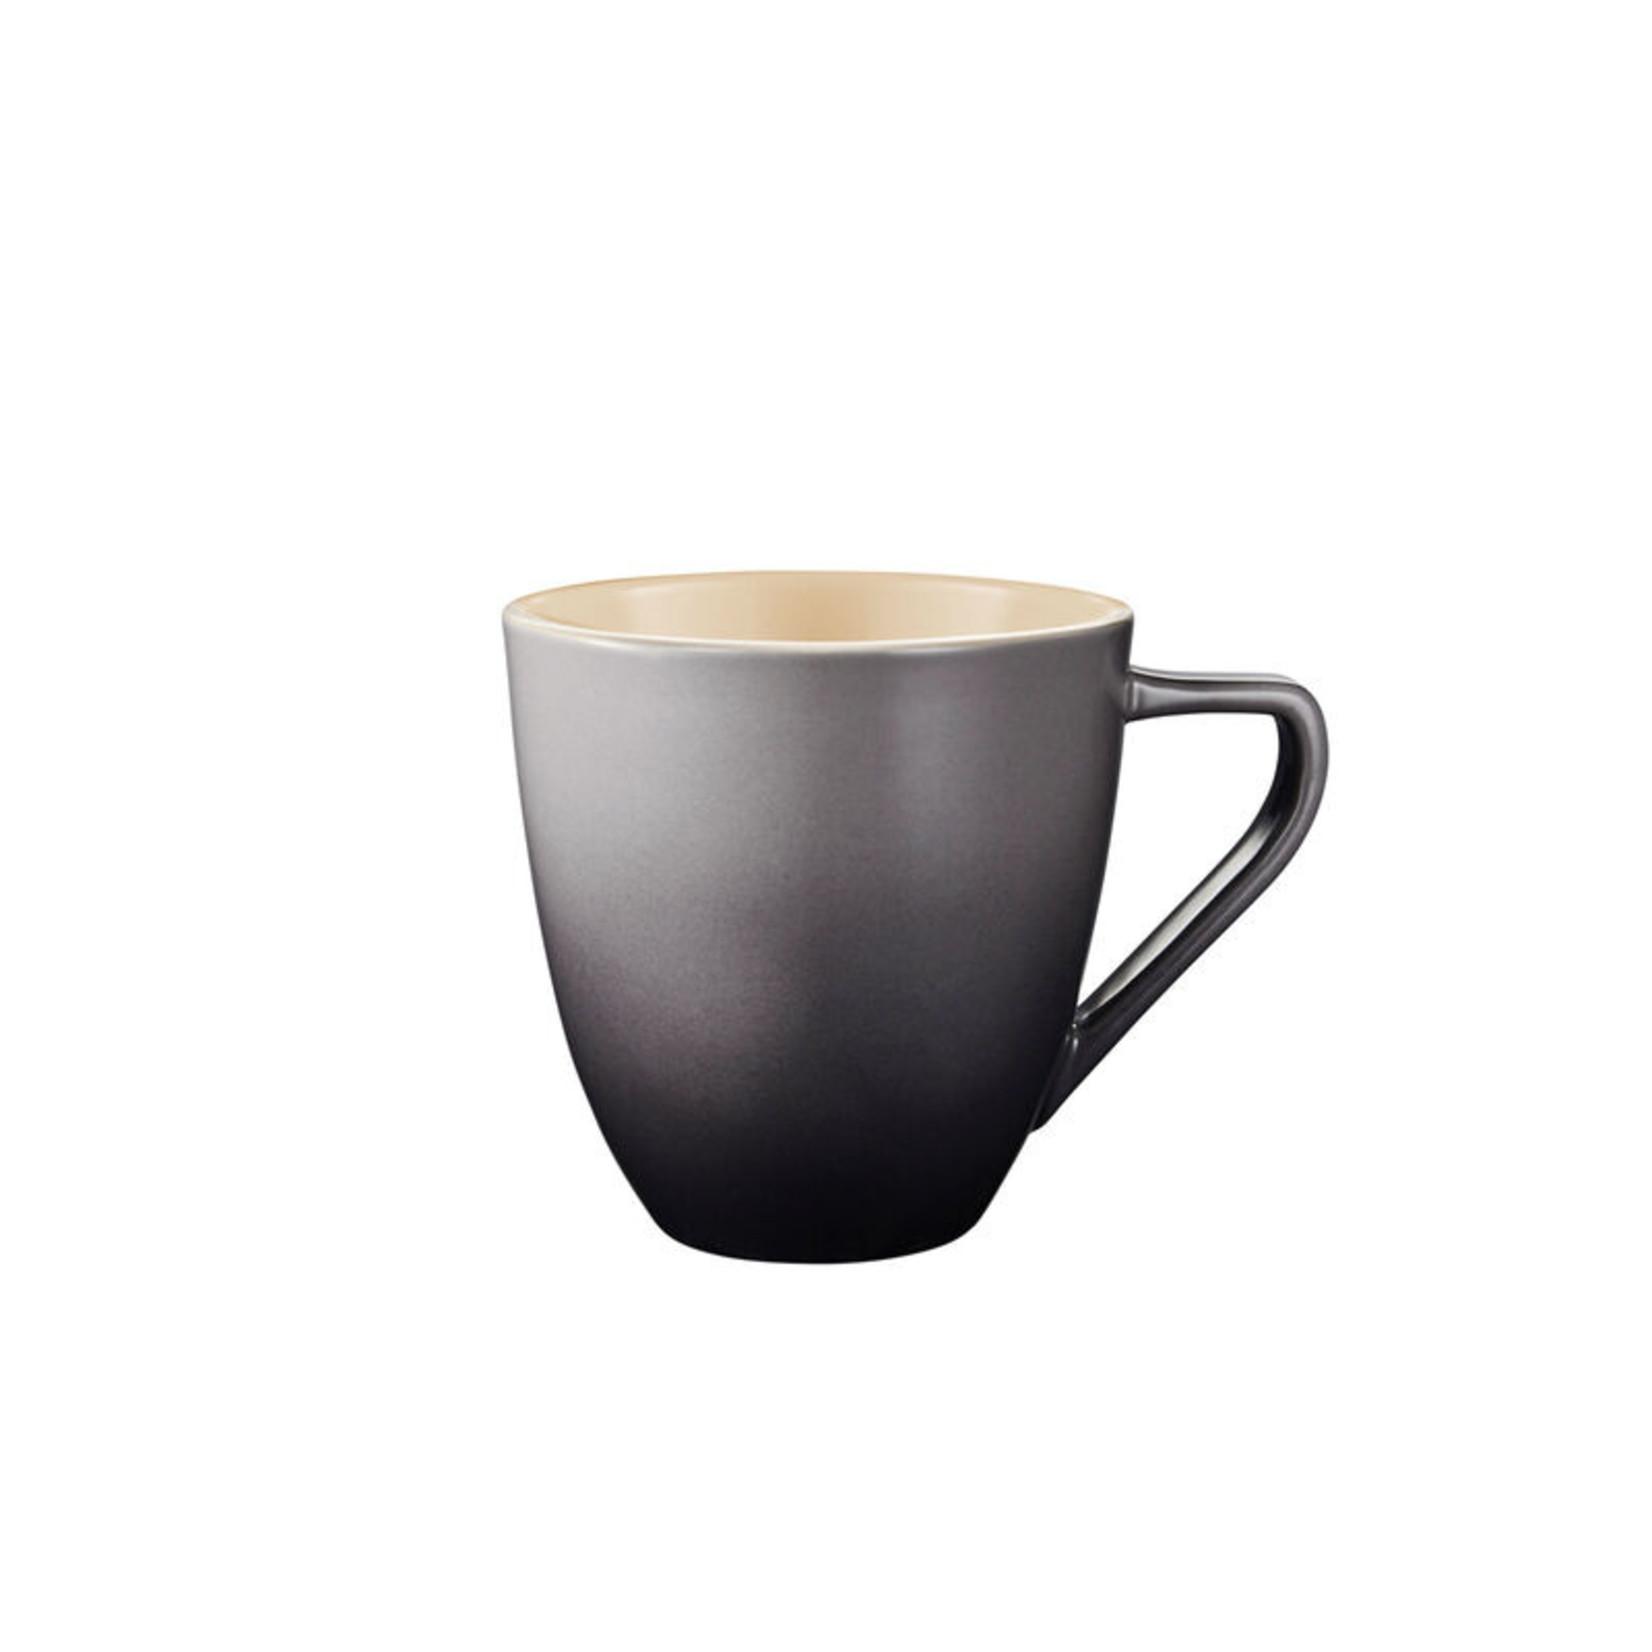 Le Creuset Minimalist Mug